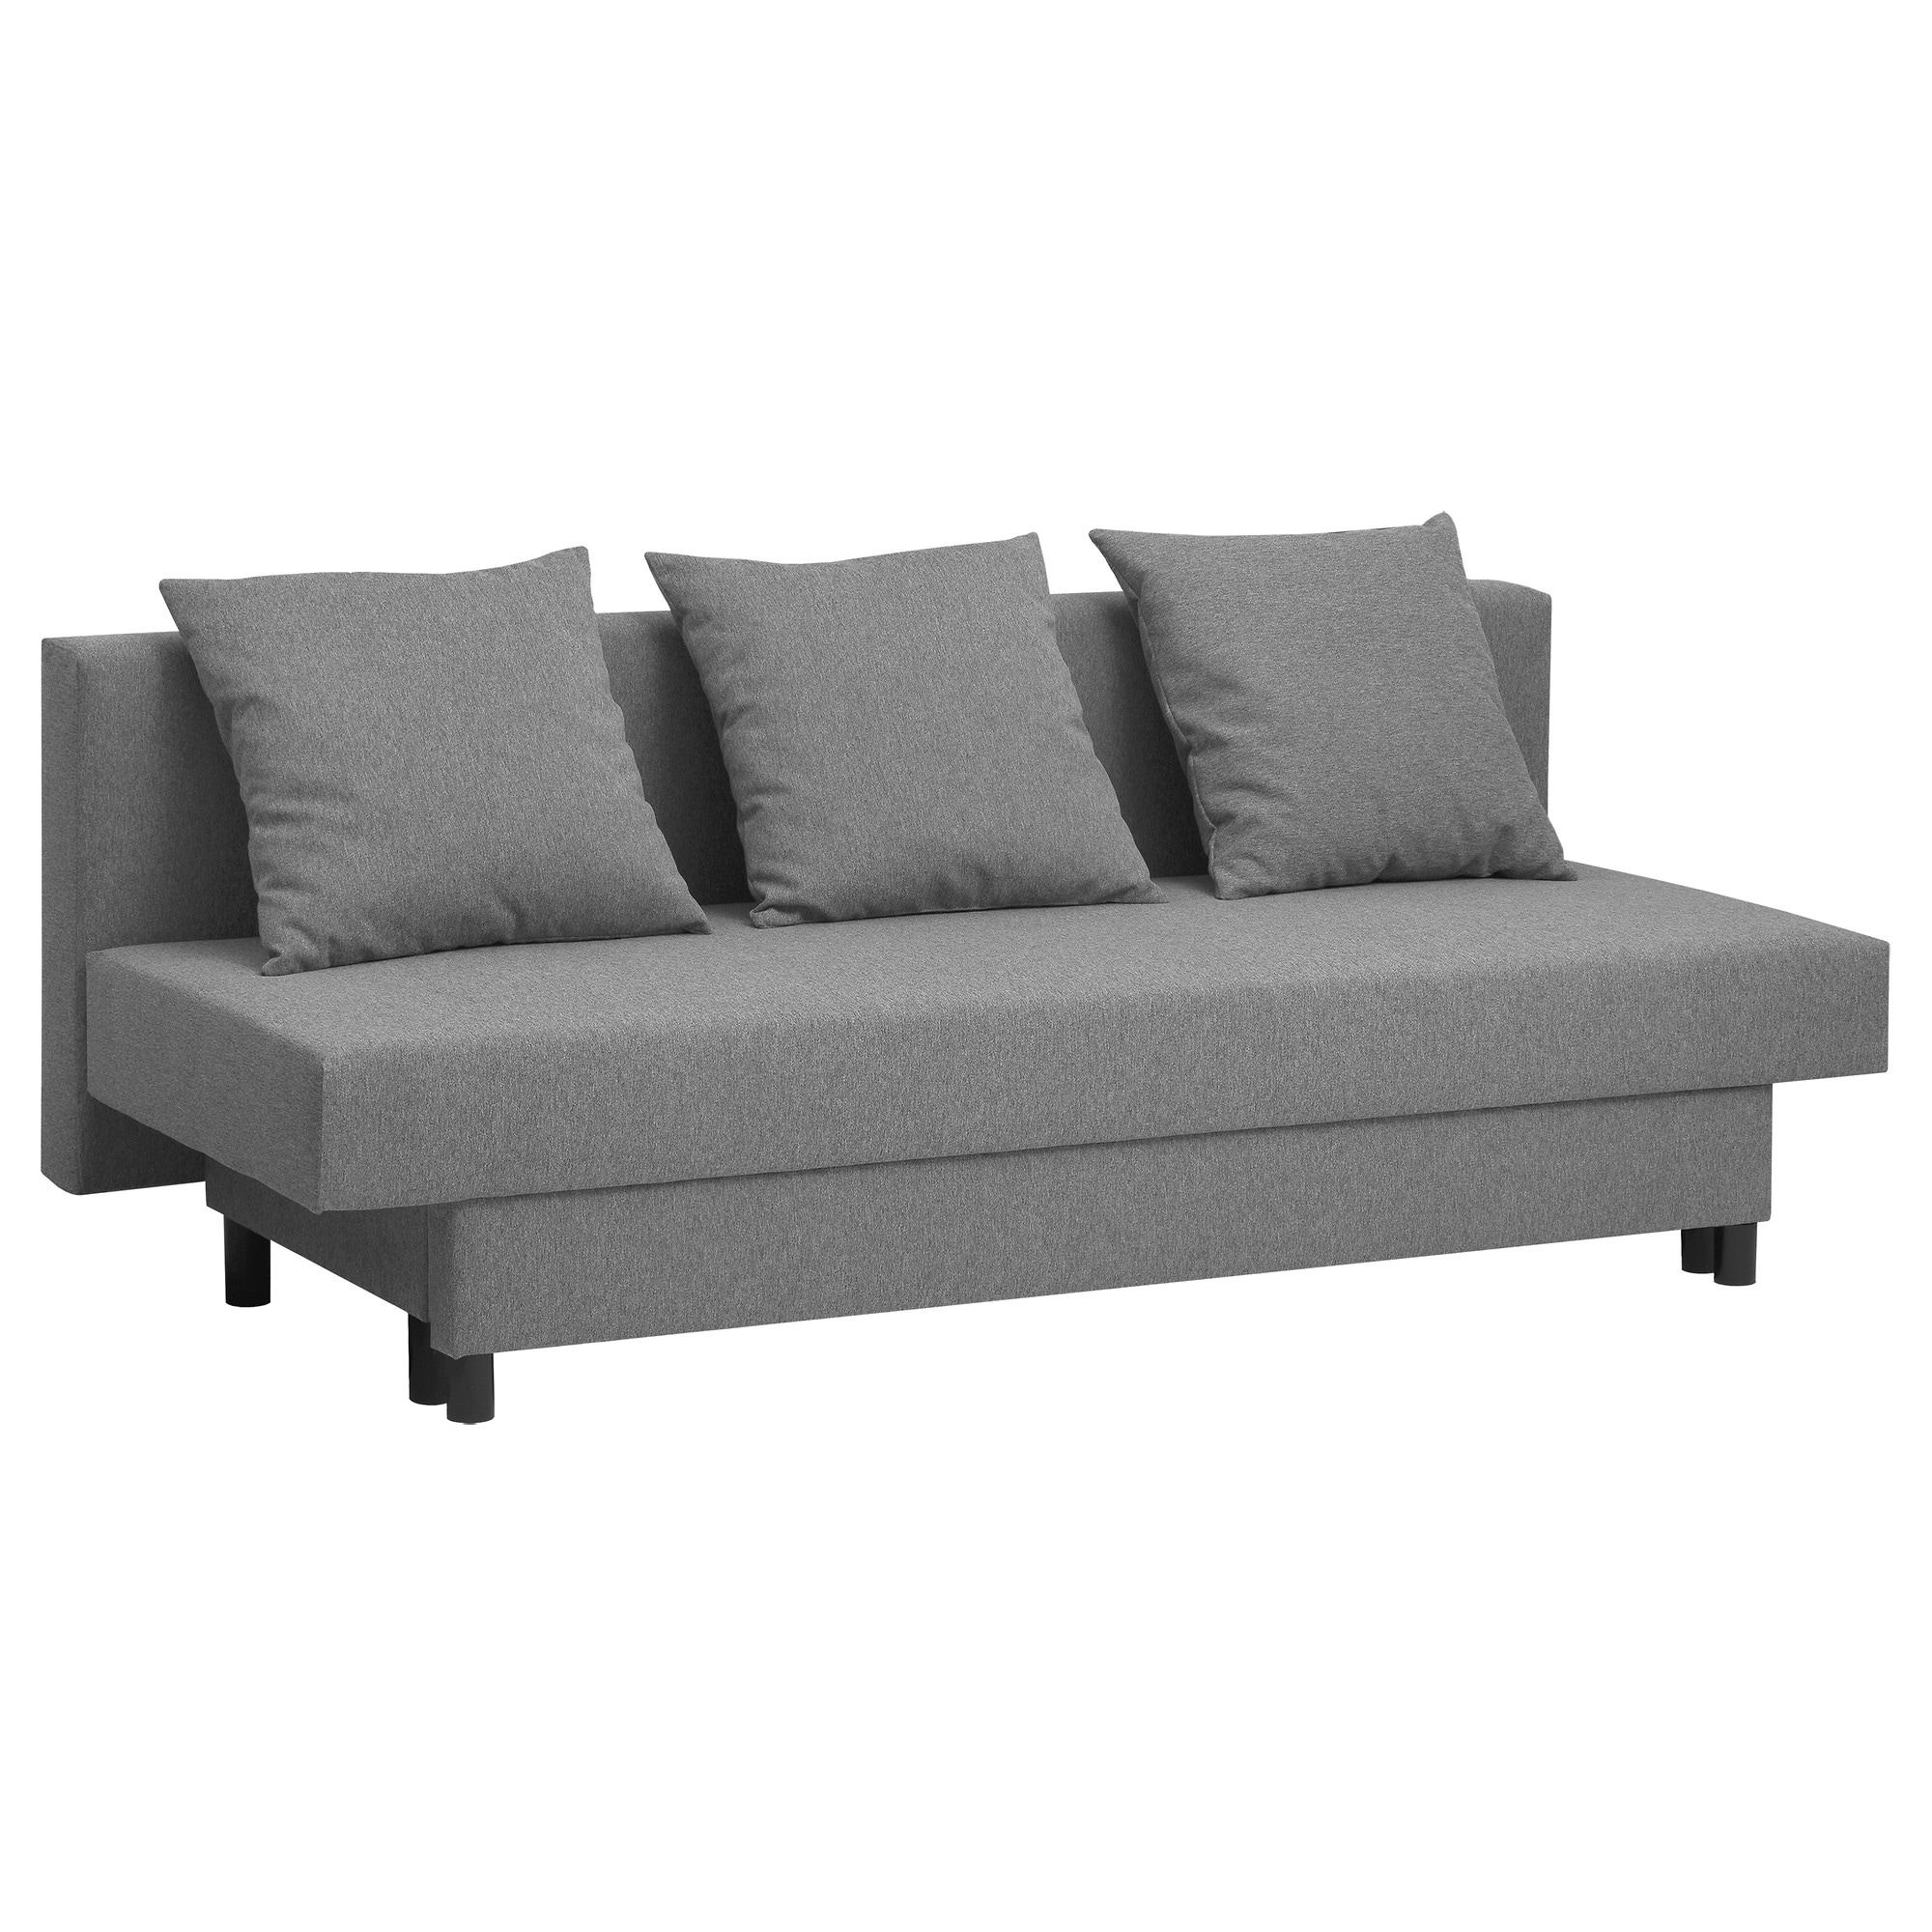 Ofertas sofas Cama O2d5 asarum sofà Cama 3 Plazas Gris Ikea